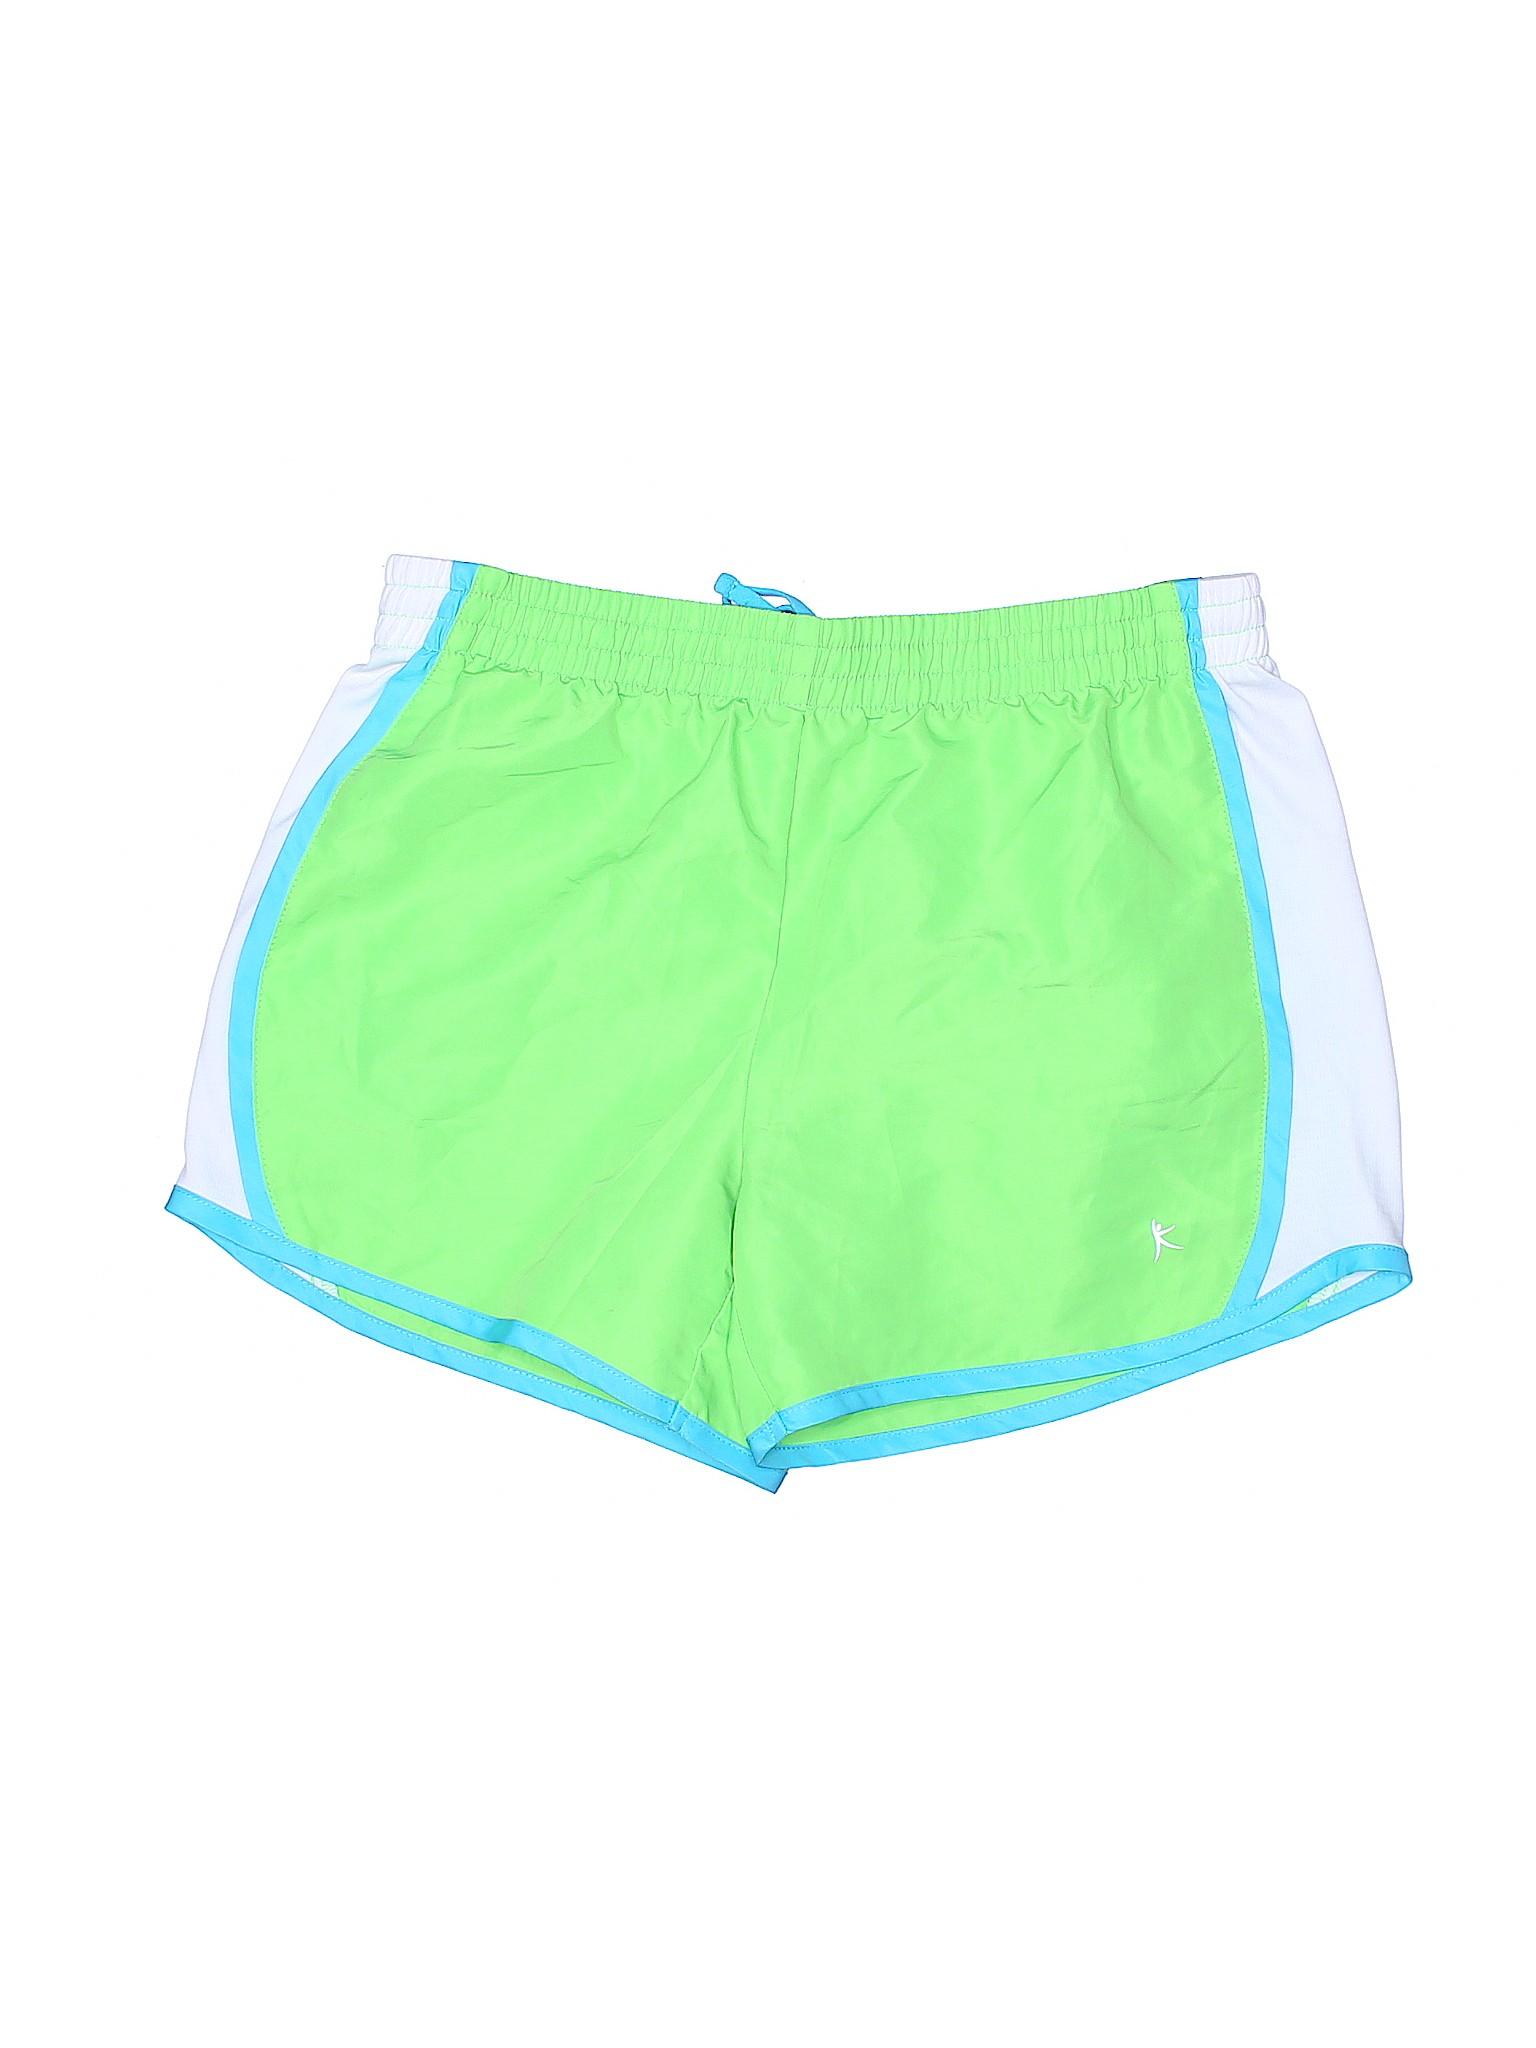 Danskin Boutique Athletic Now Danskin Boutique Shorts Wq6Ywv6zE